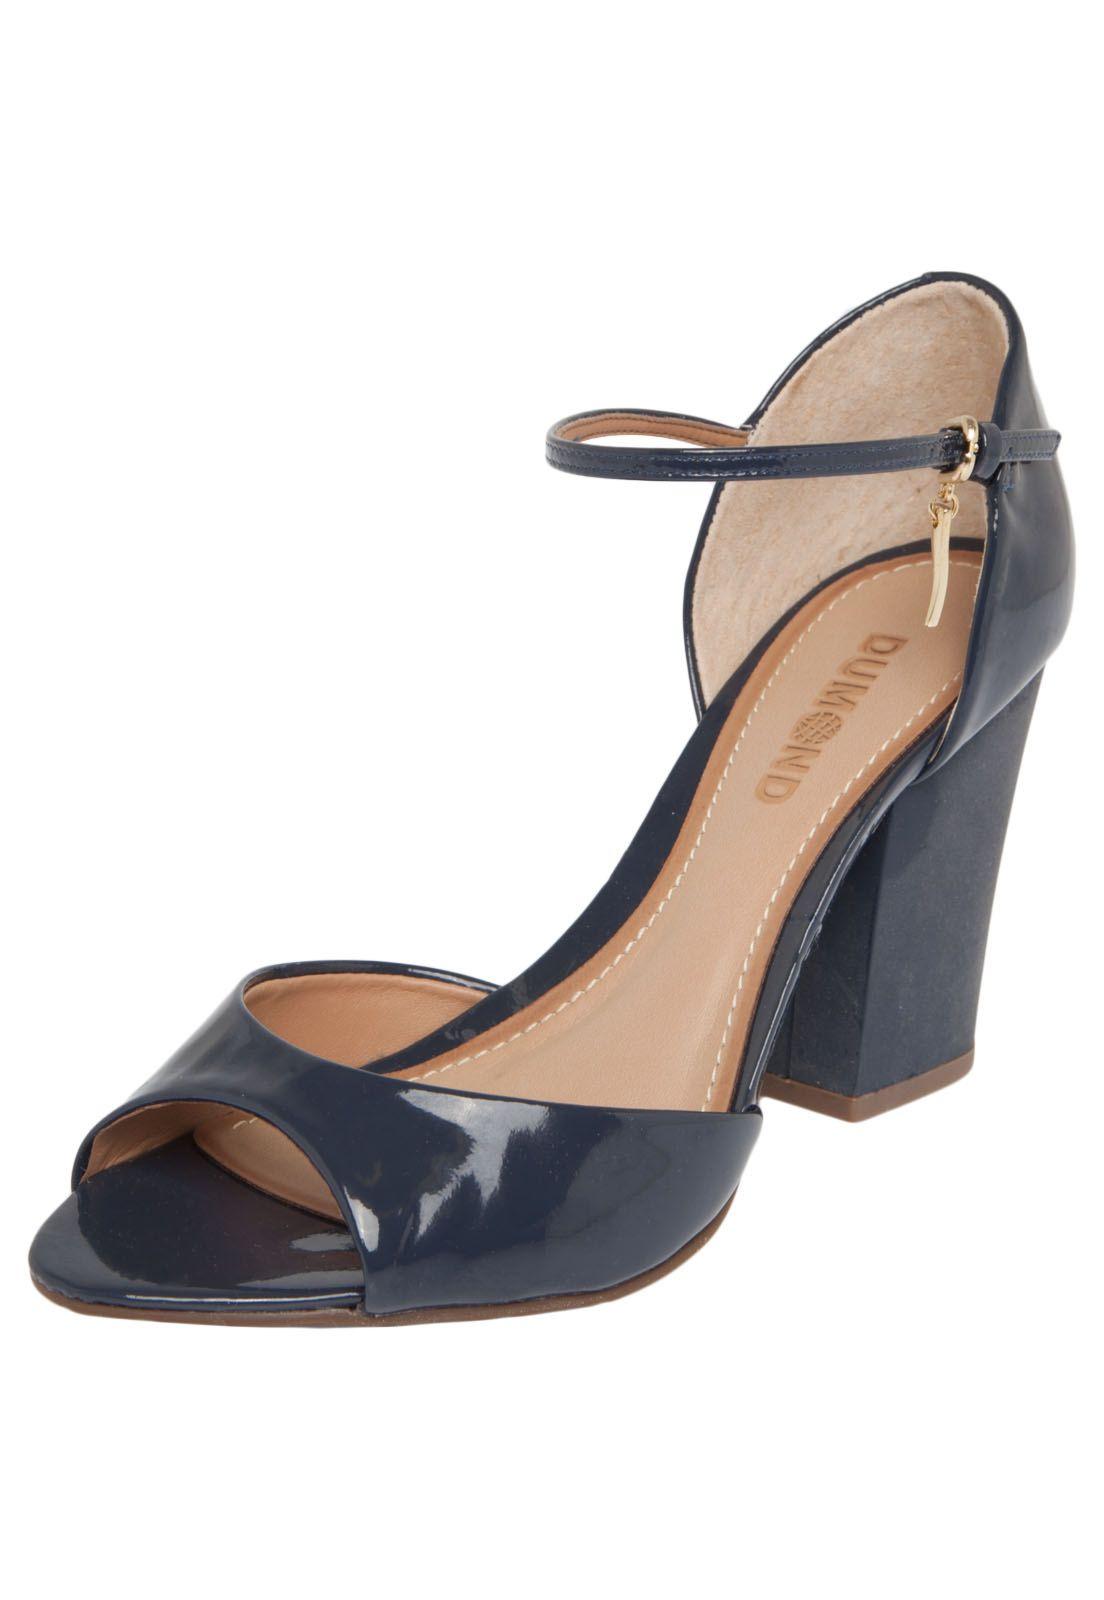 61ad8bbdf Sandália Dumond Jabuticaba Verniz Azul Marinho | Cinderela | Shoes e ...